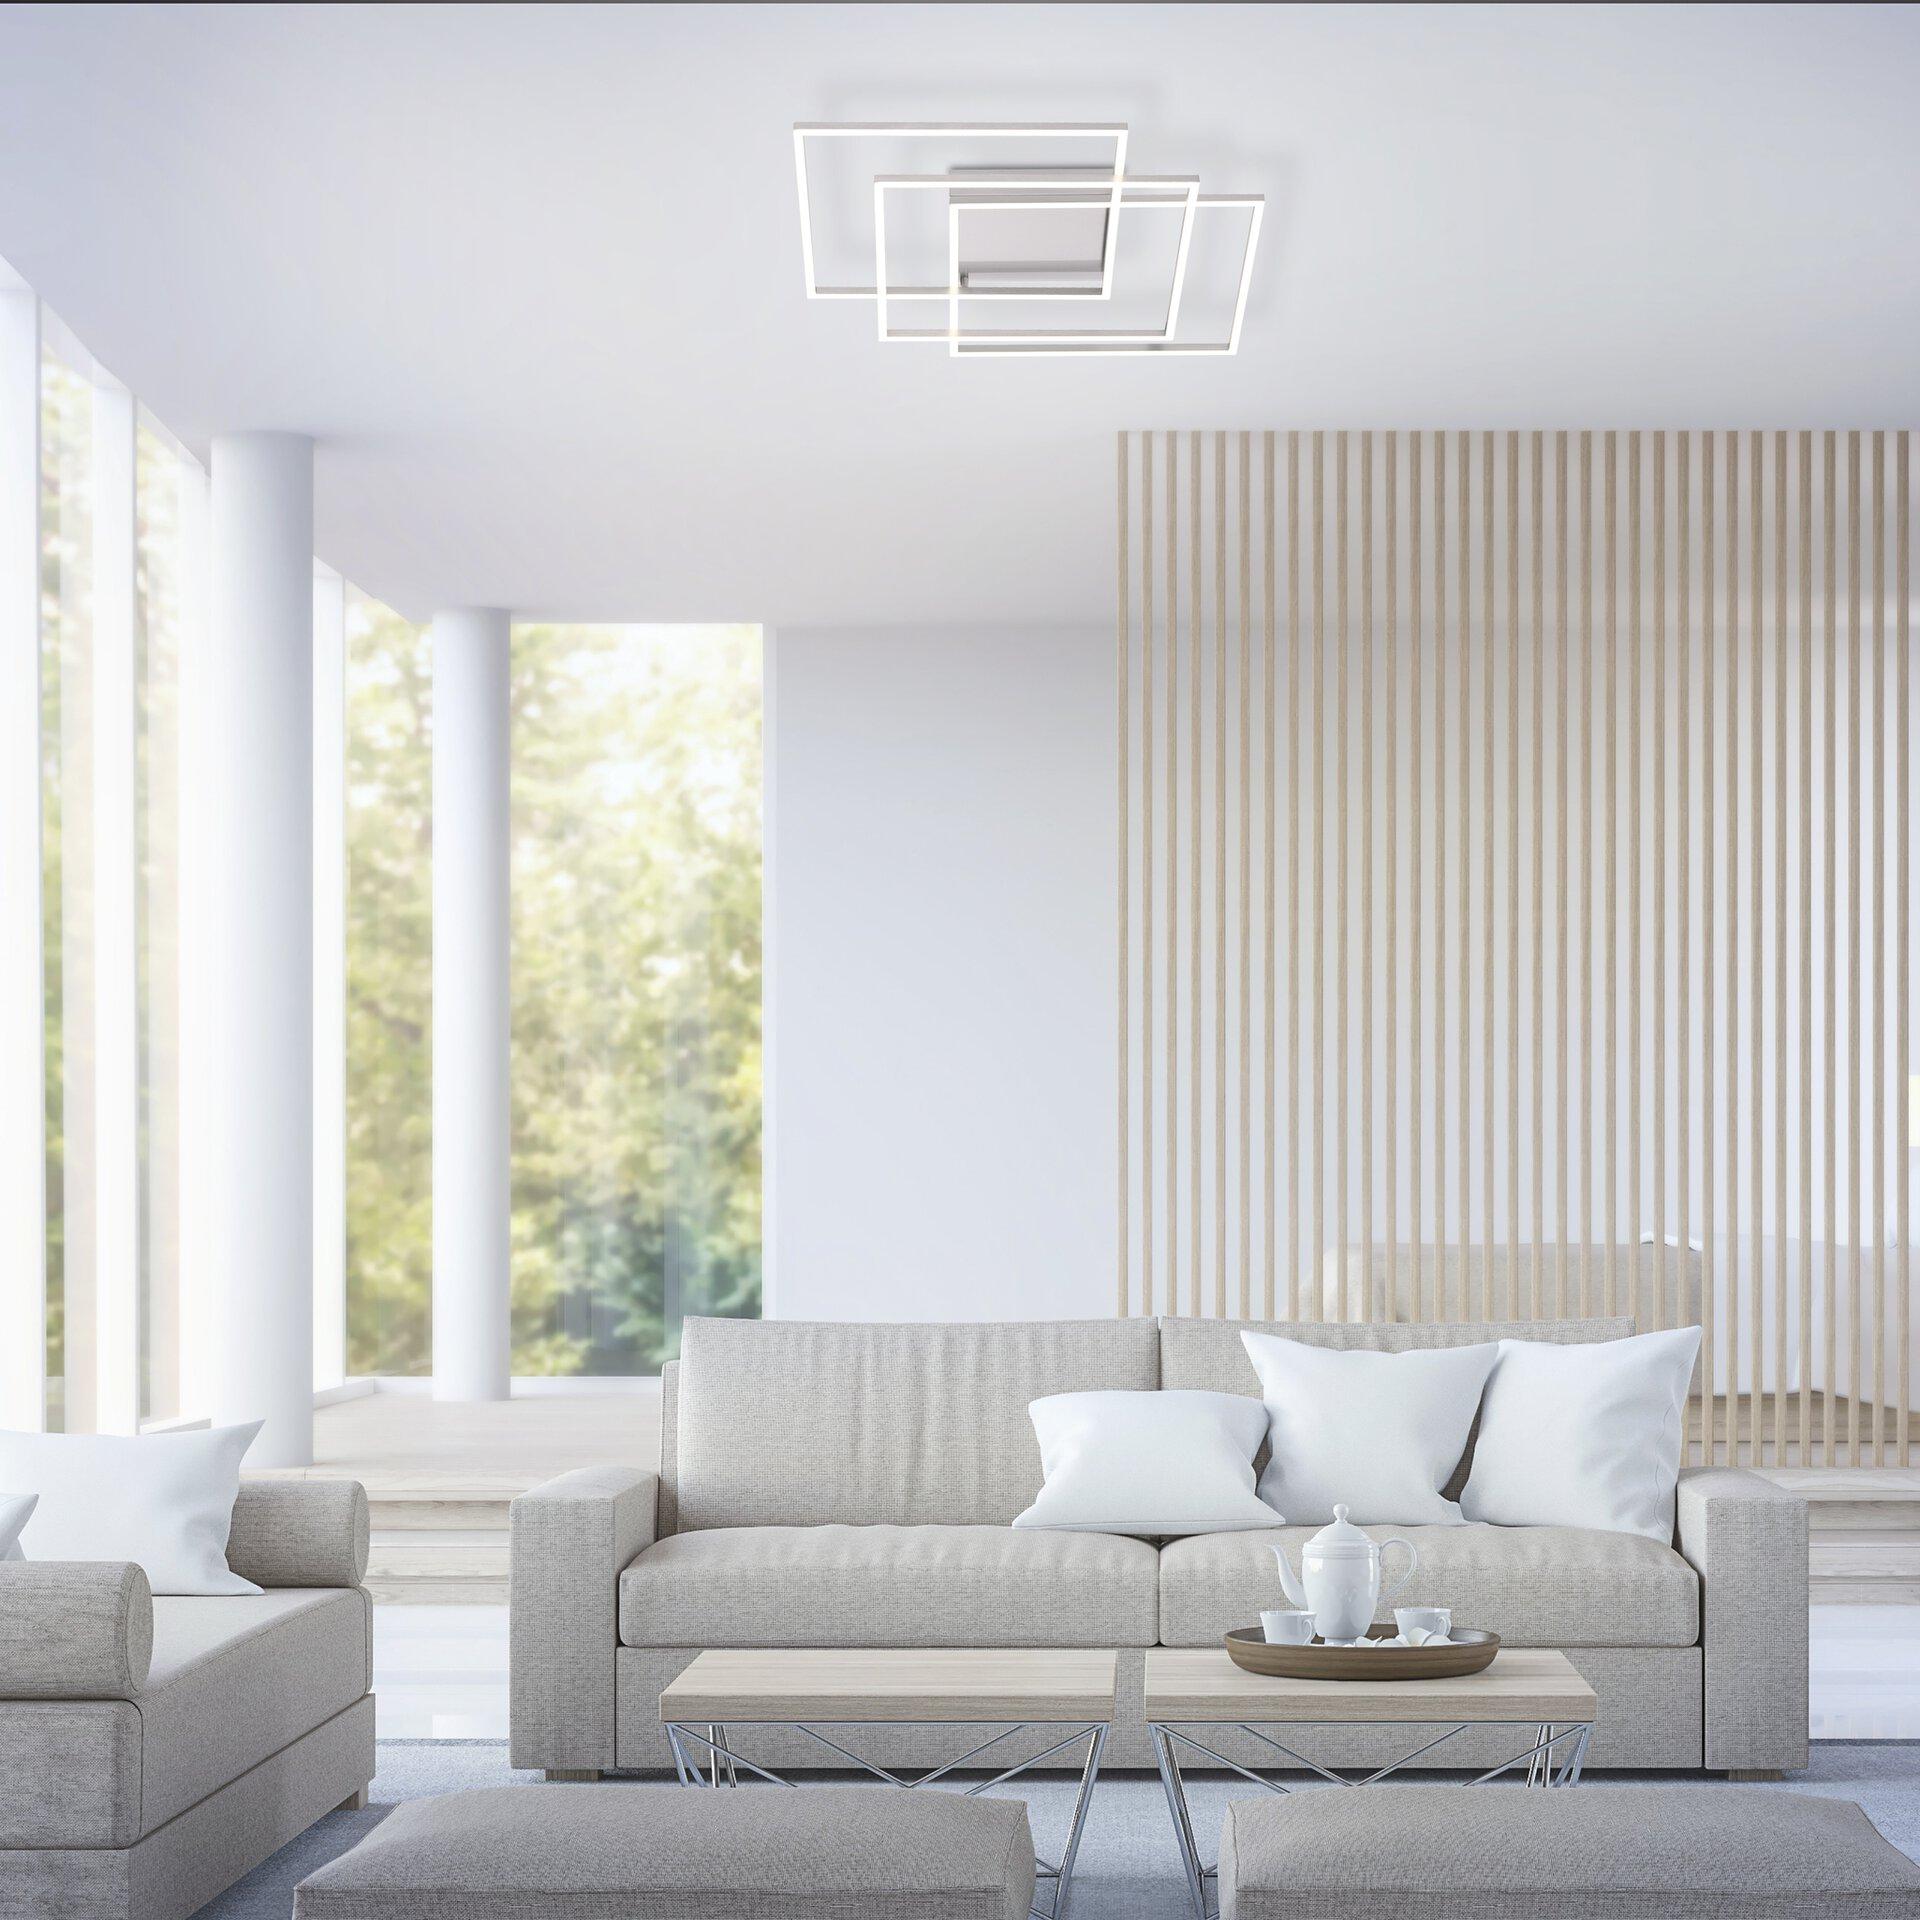 Smart-Home-Leuchten Q-INIGO Paul Neuhaus Metall 60 x 8 x 60 cm